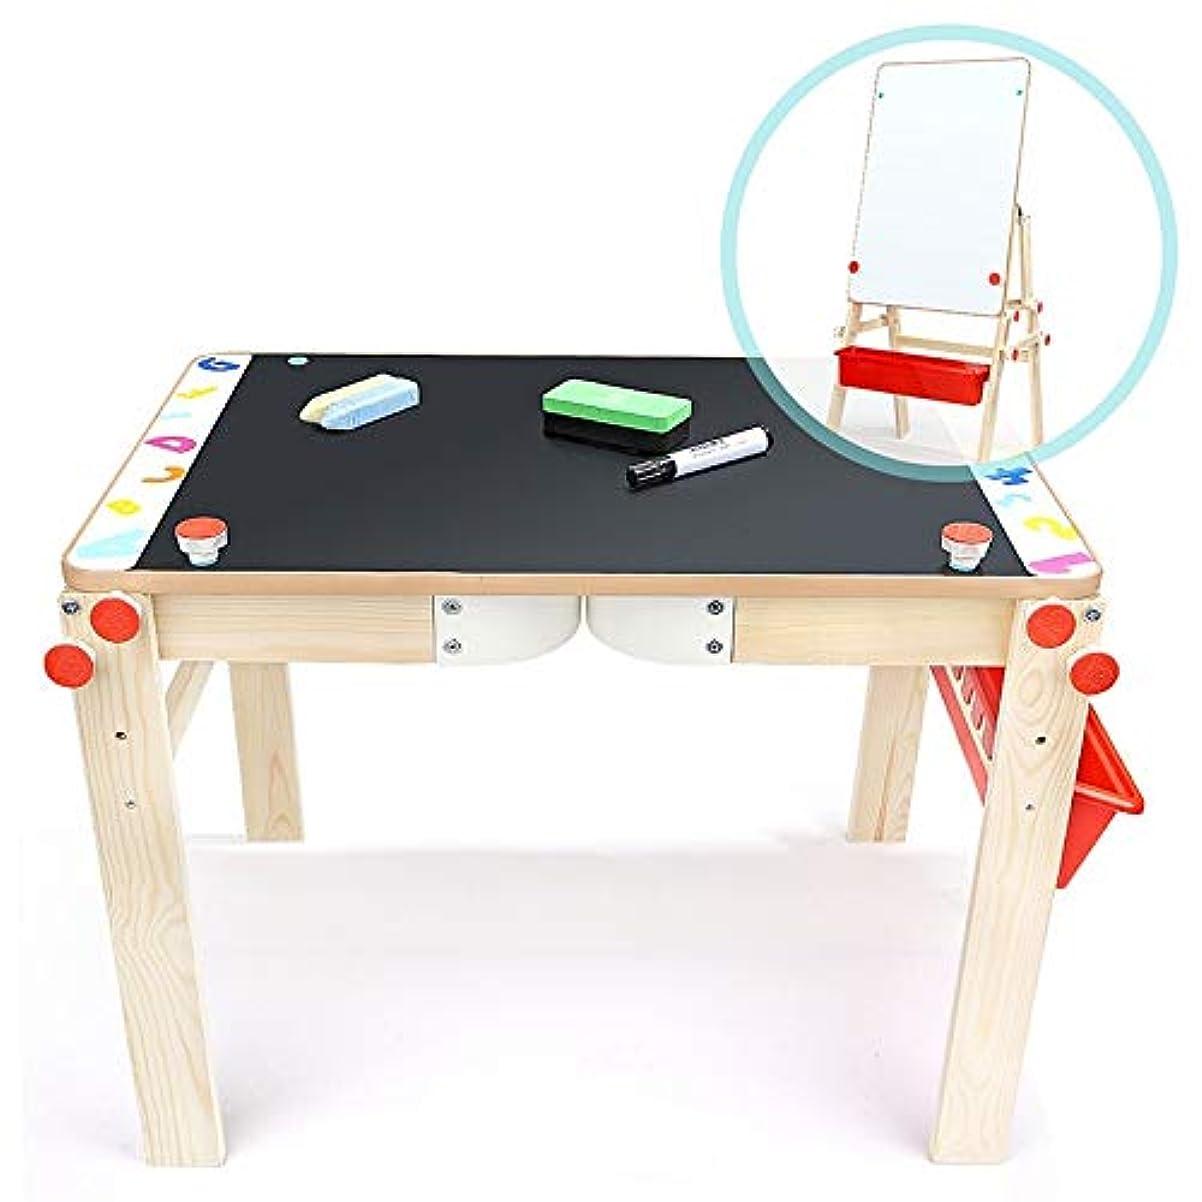 もう一度卒業謝るお絵かきボード 子供 イーゼル木製ボード黒板高さ調節可能なアートイーゼル製図板を塗装子供 (Color : One color, Size : One size)